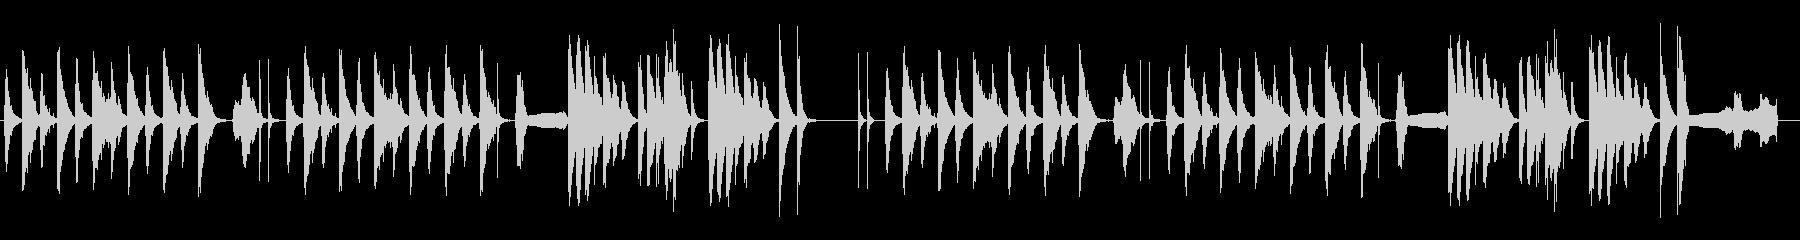 劇伴 シンプル 日常 ネコの鳴き声入の未再生の波形